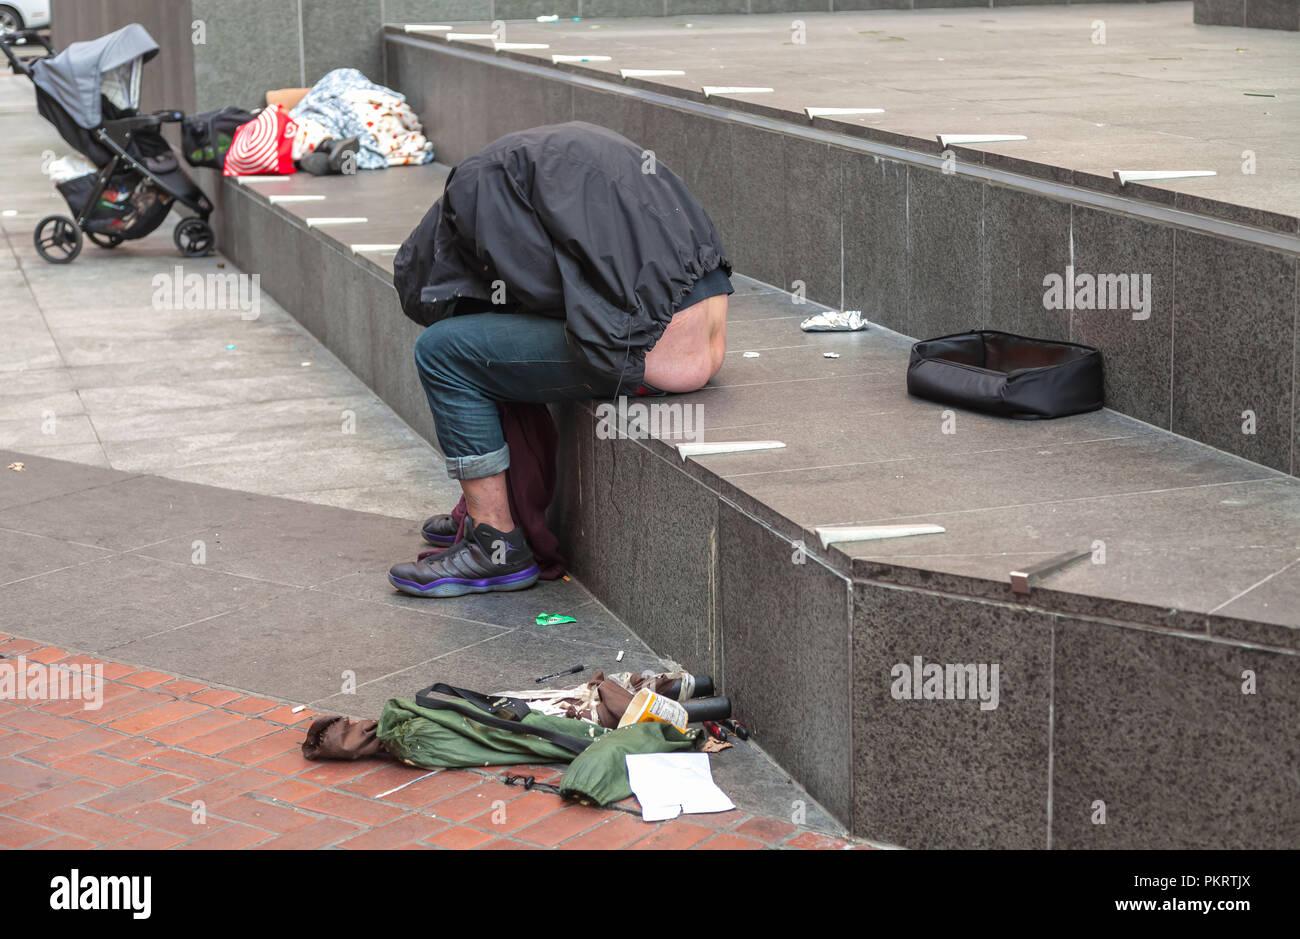 Un sans-abri dort sur le trottoir de la rue à San Francisco, Californie, États-Unis. Photo Stock